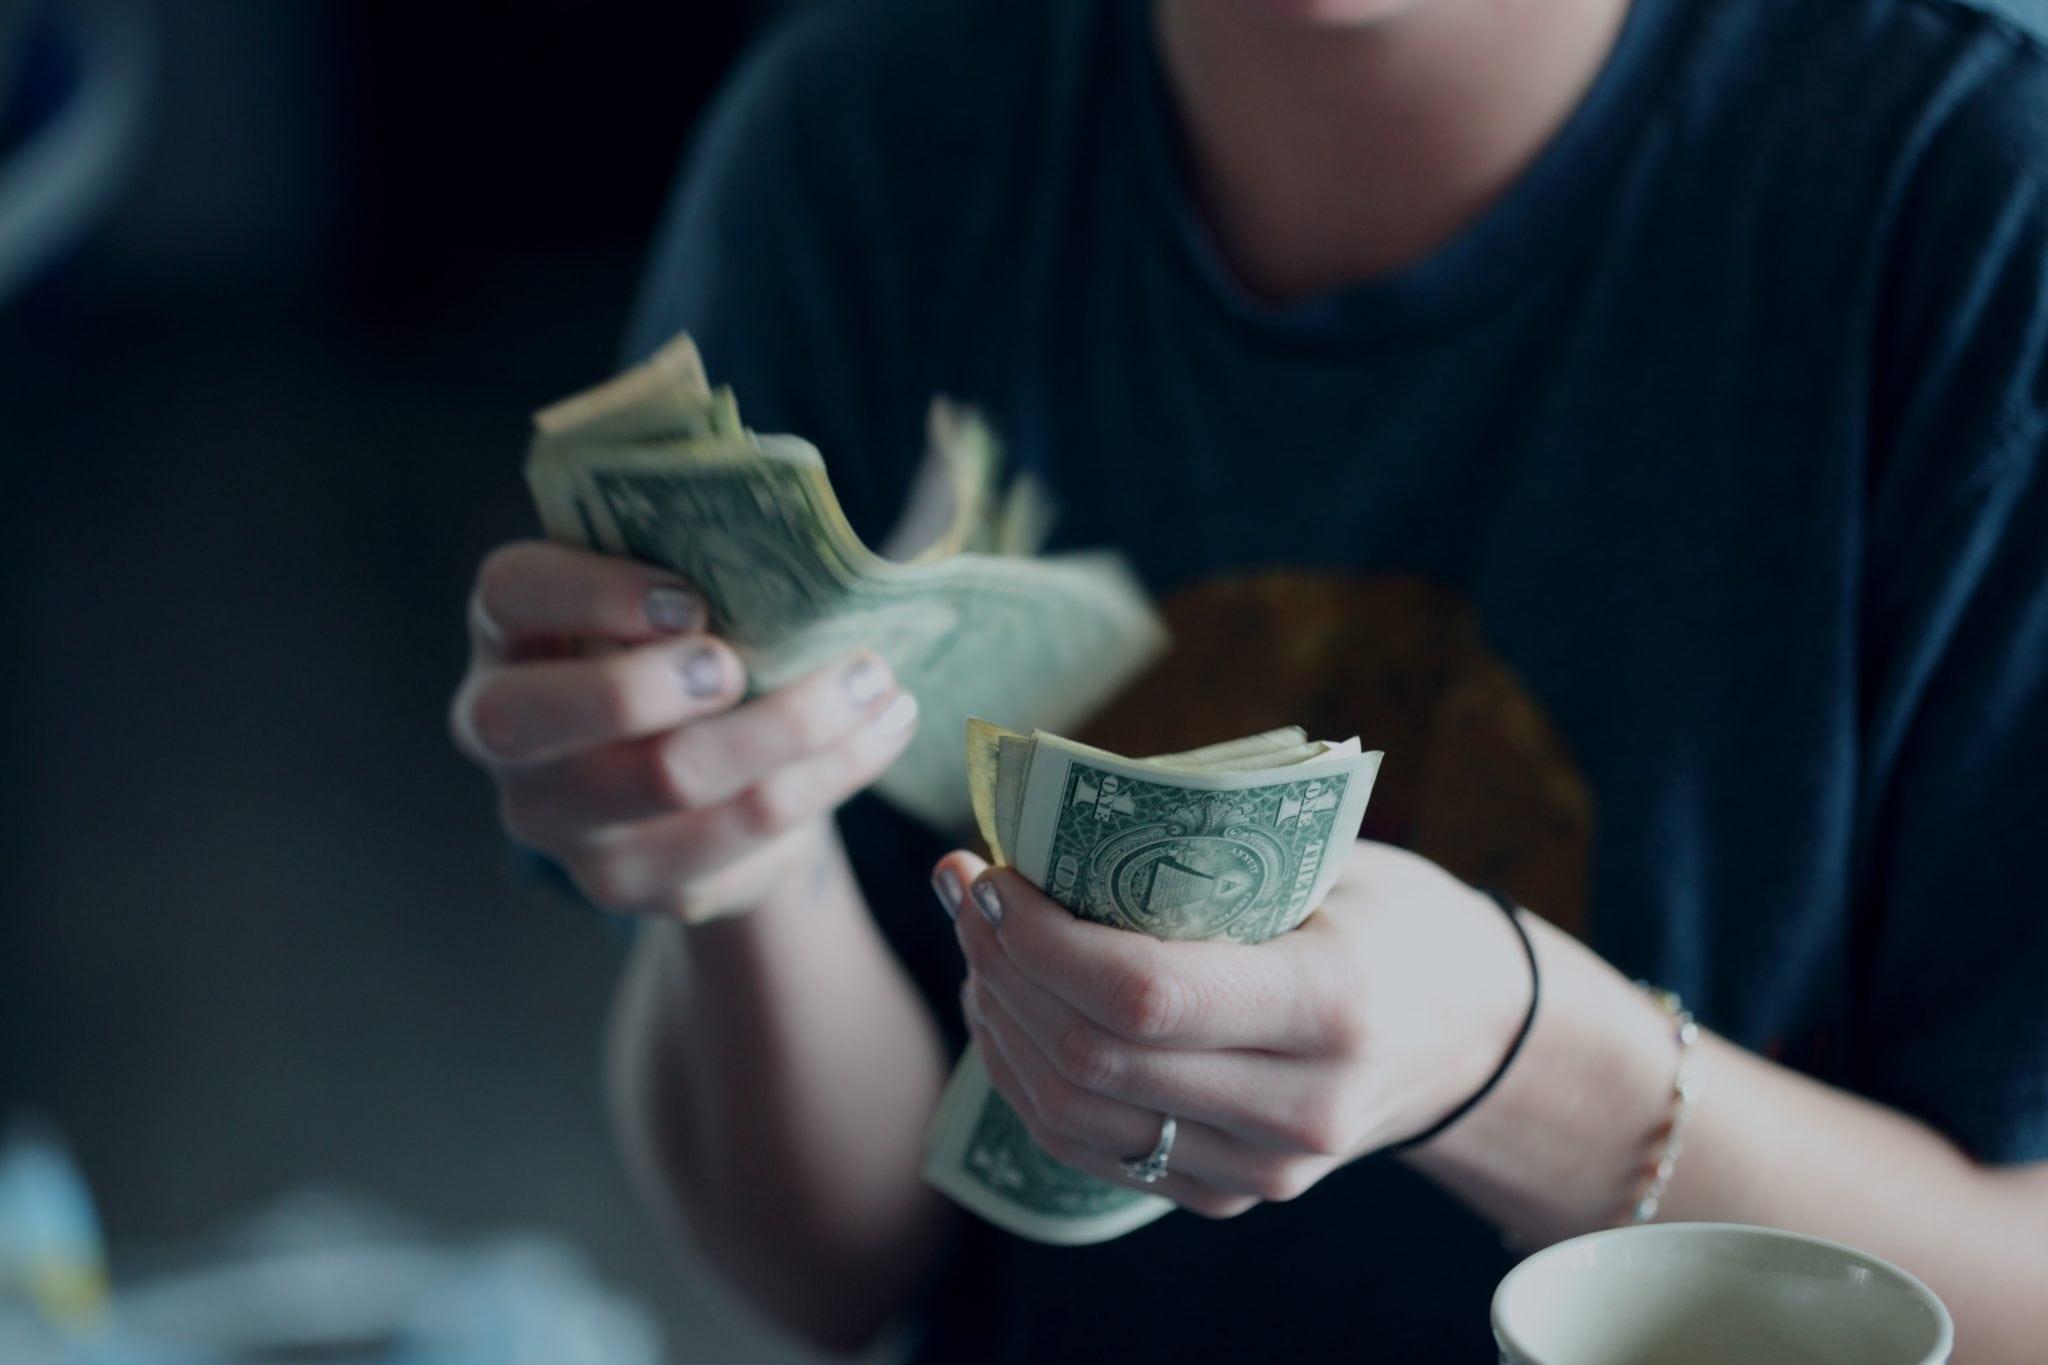 วิธีเก็บเงินให้ได้เร็ว วิธีเก็บเงิน การออมเงิน วิธีออมเงิน วิธีเก็บเงิน วิธีออมเงิน วิธีเก็บเงินให้ได้เร็ว วิธีเก็บเงินให้อยู่